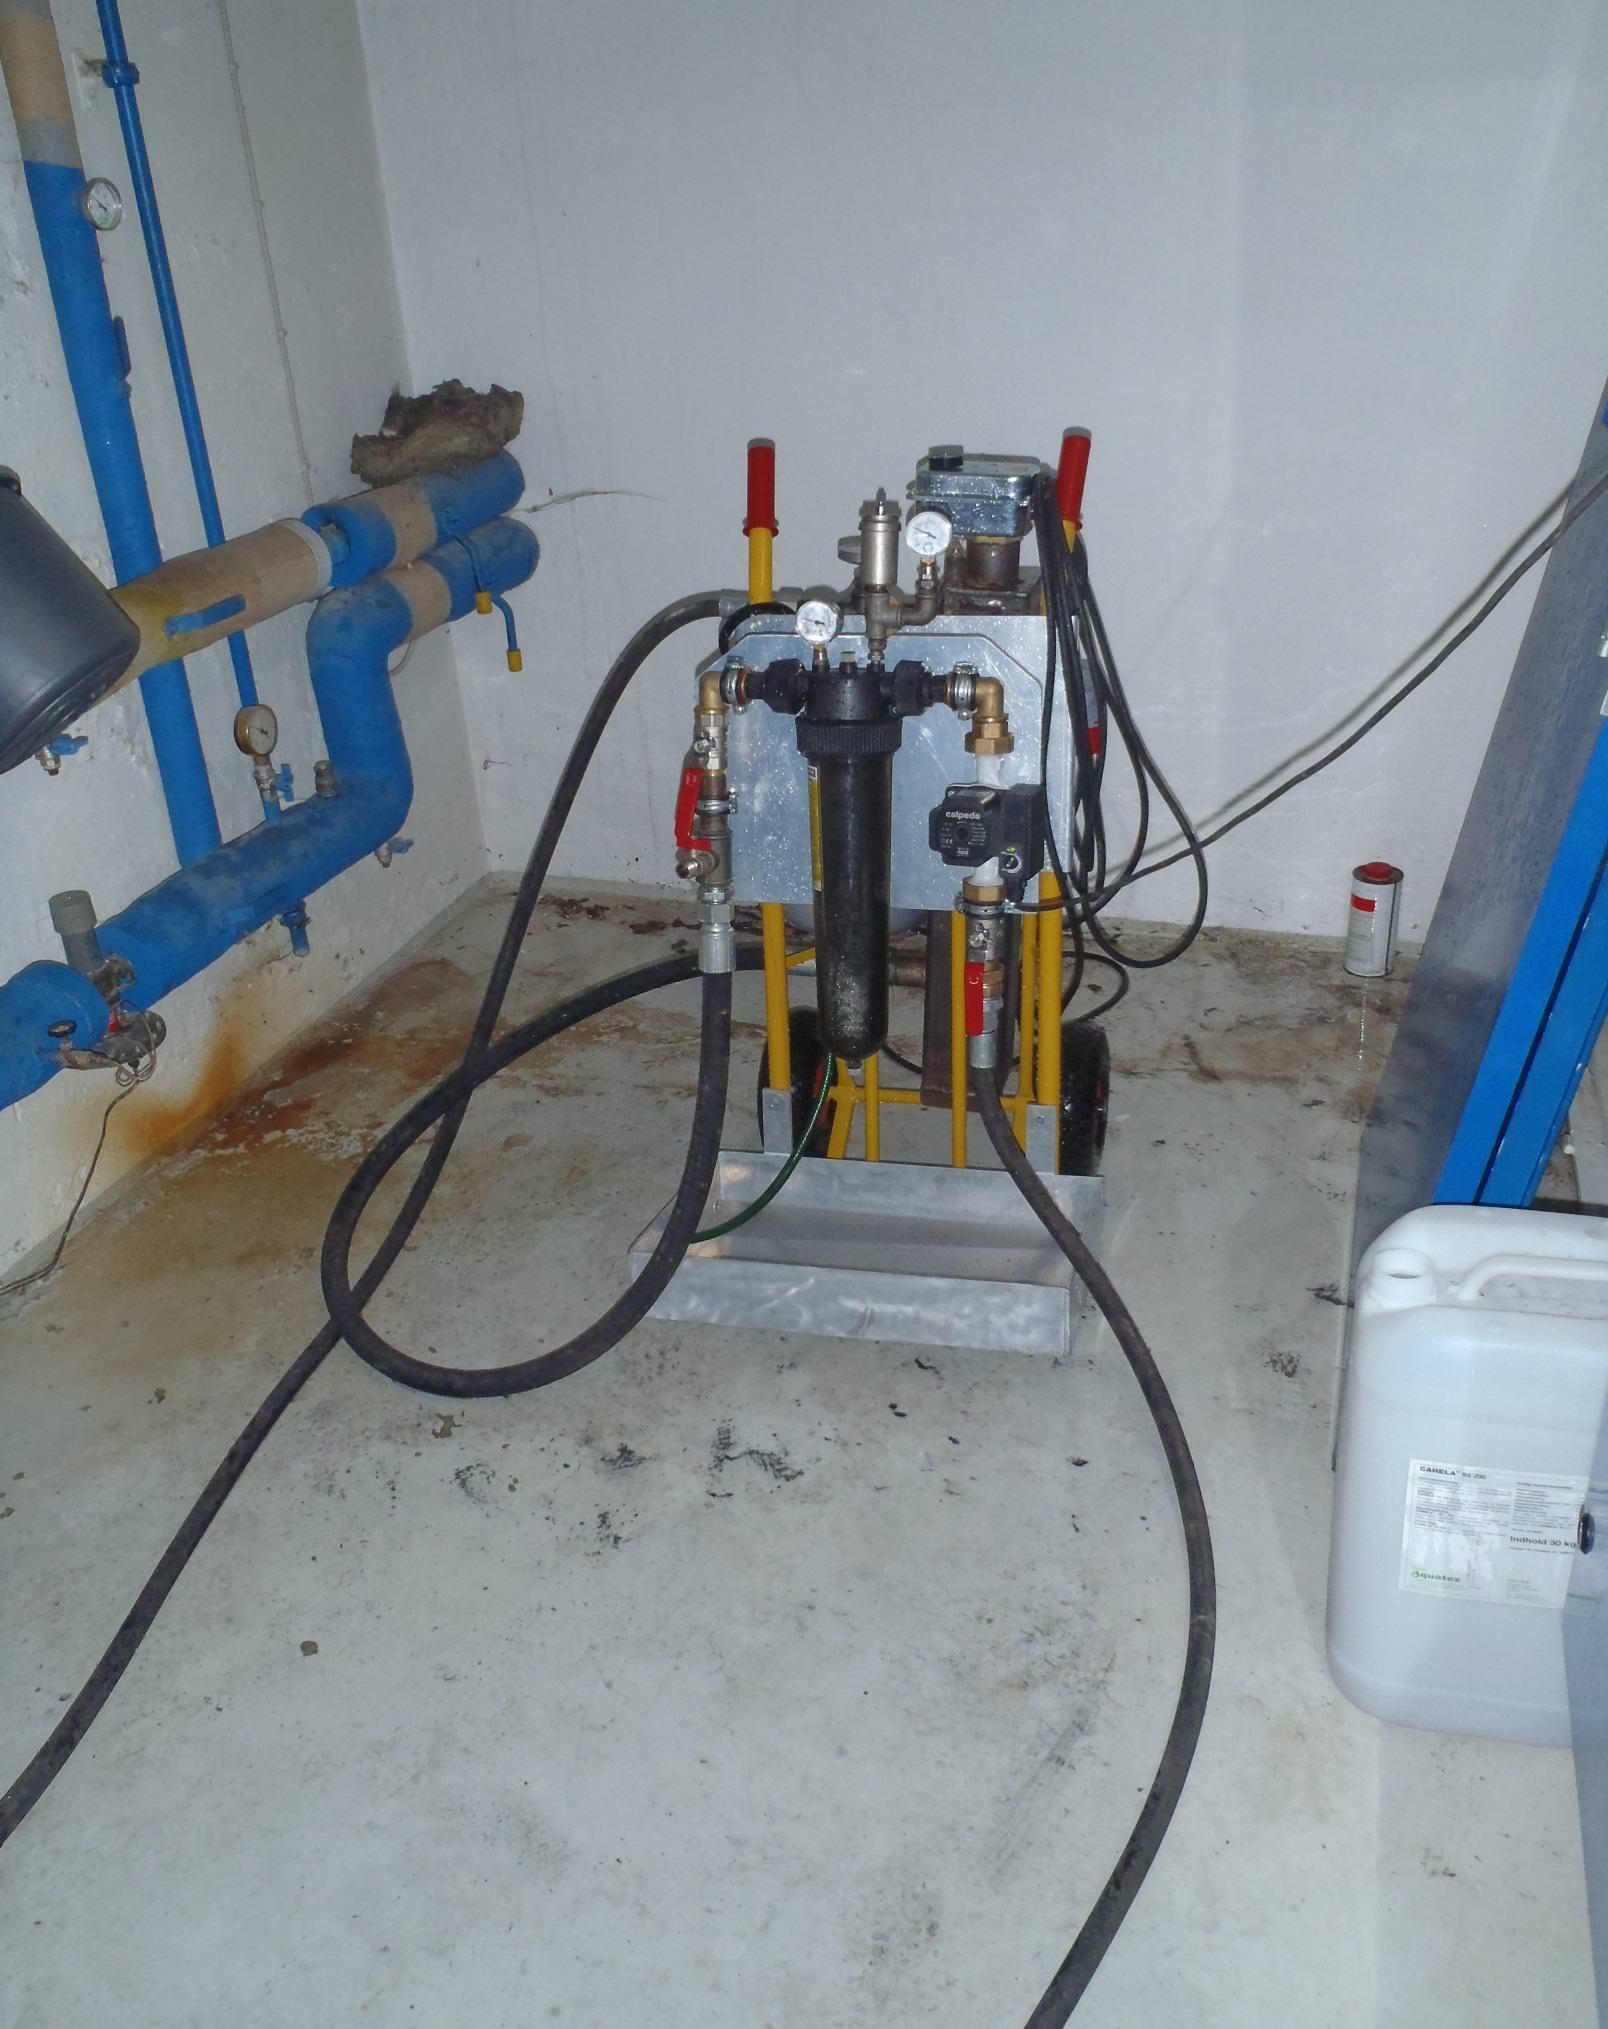 Rensning af brugsvandssystemer og varmeanlæg i ejendomme